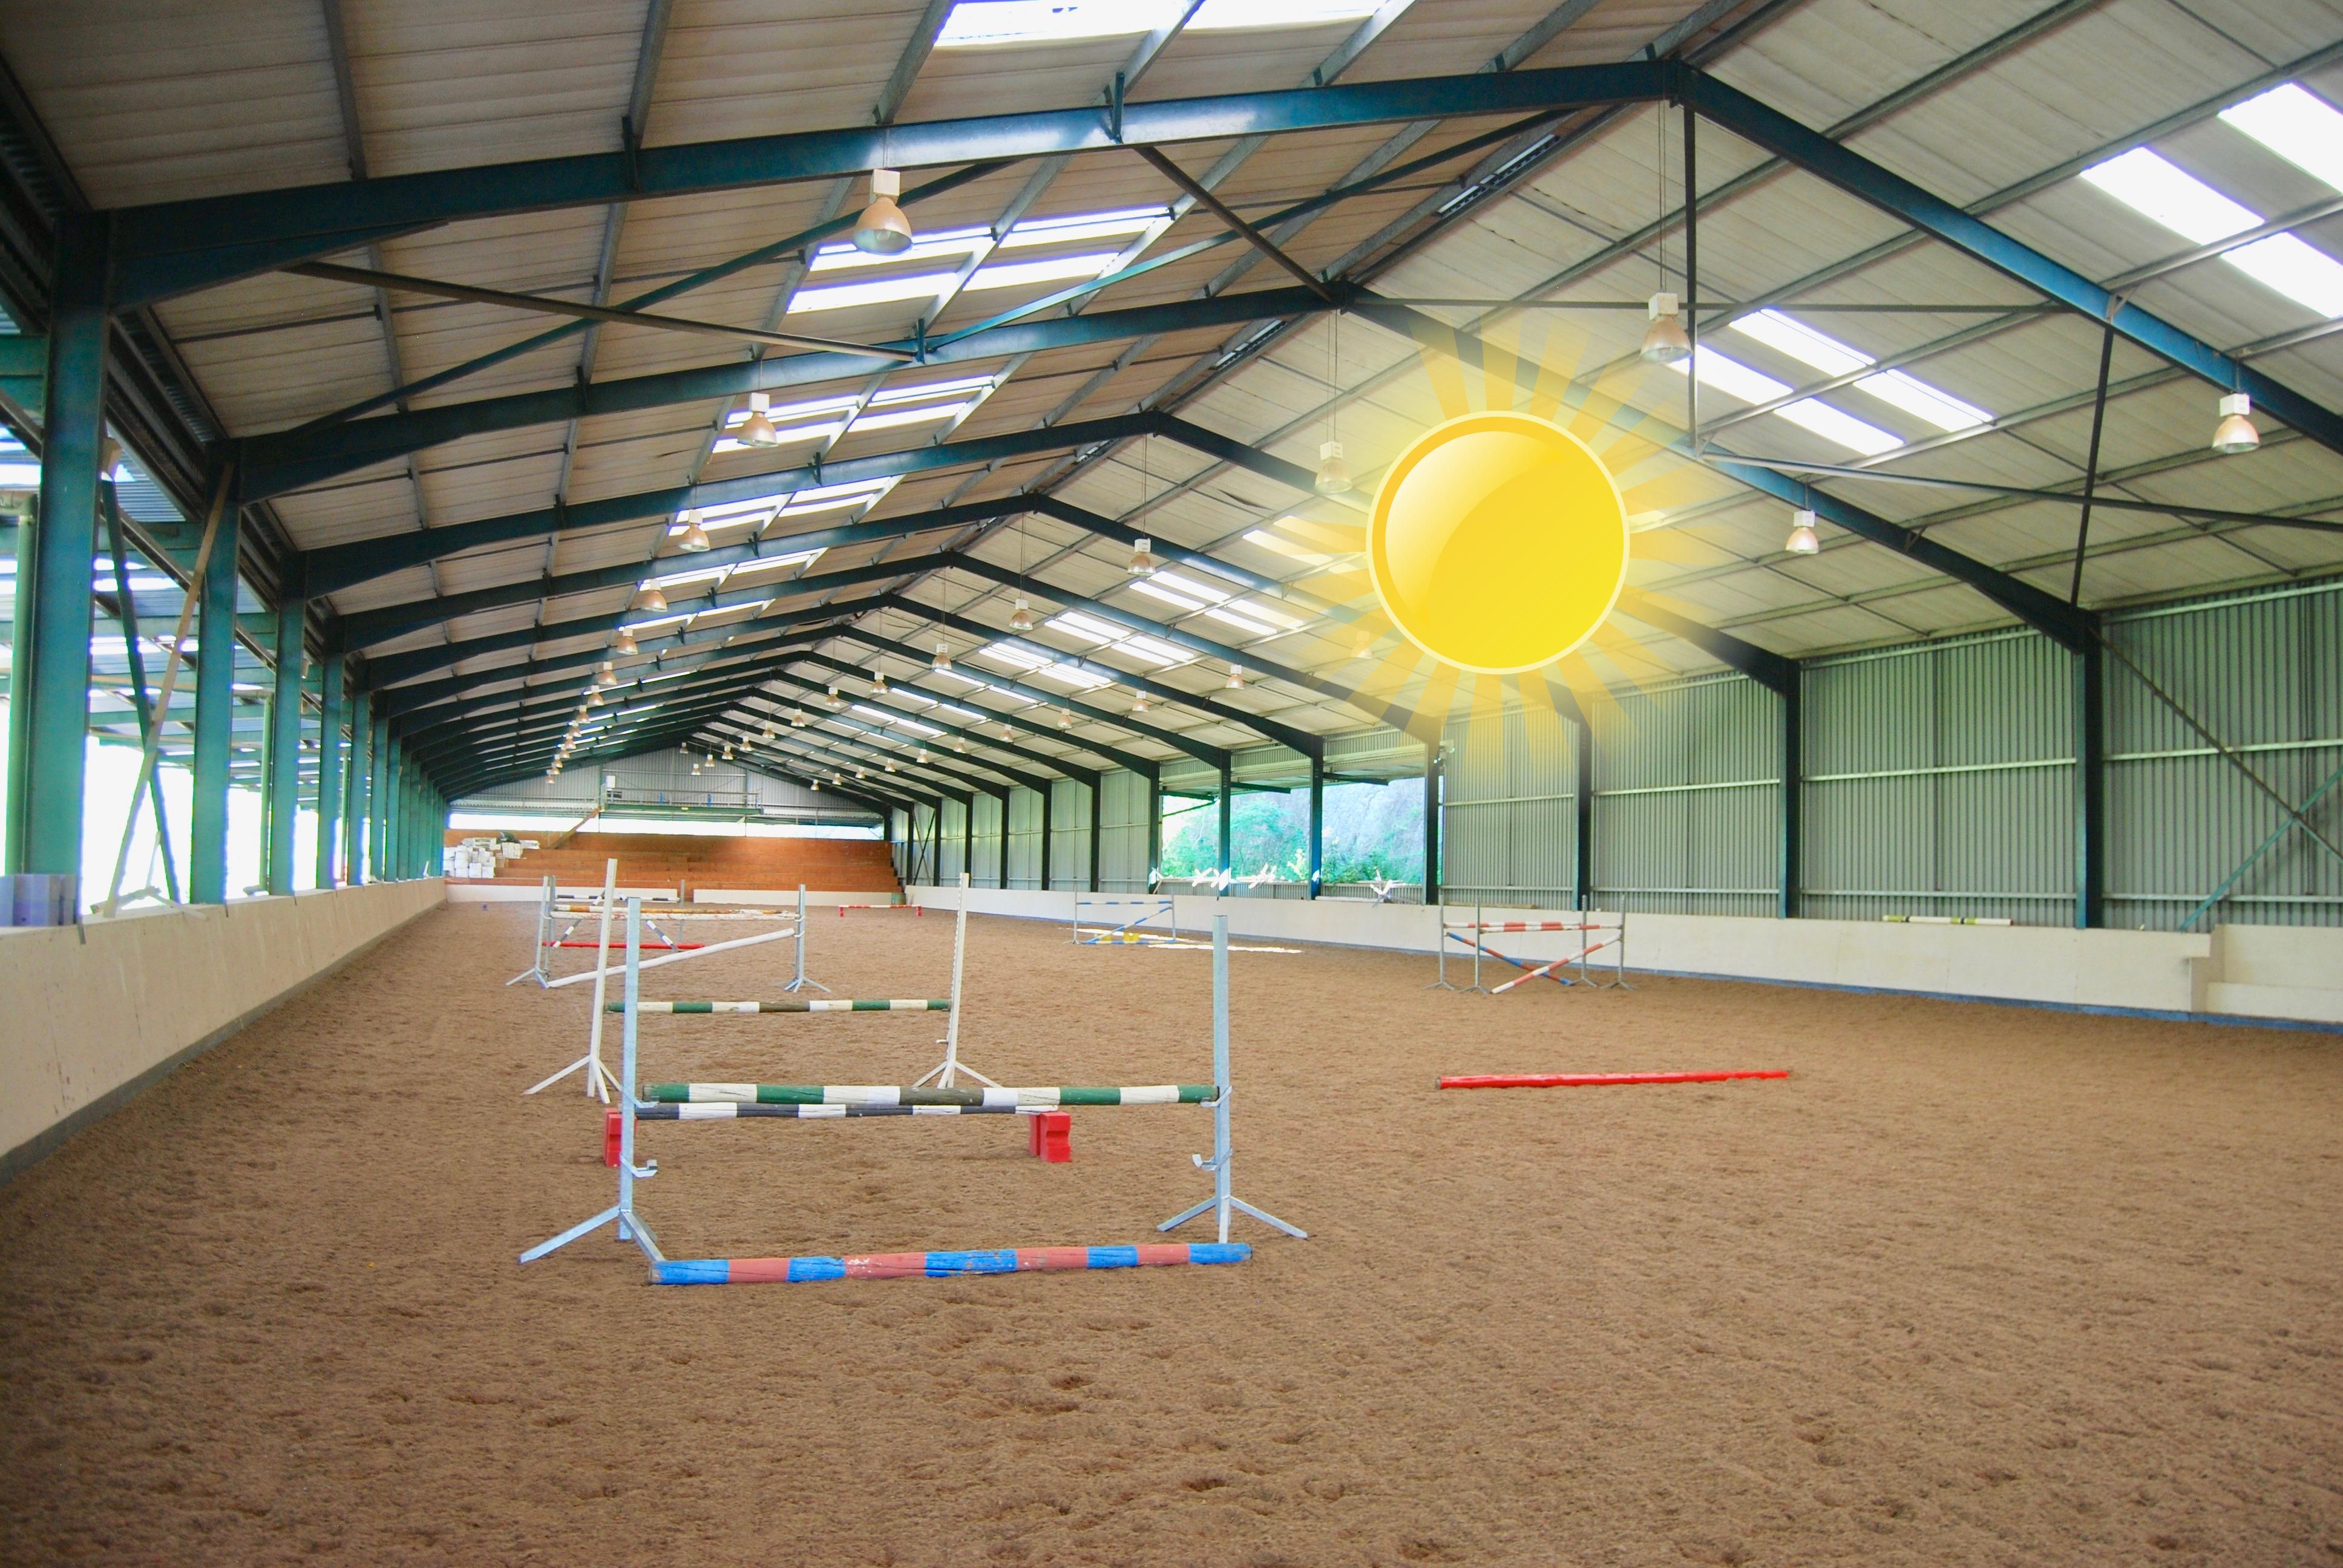 Indoor Arena: Daytime